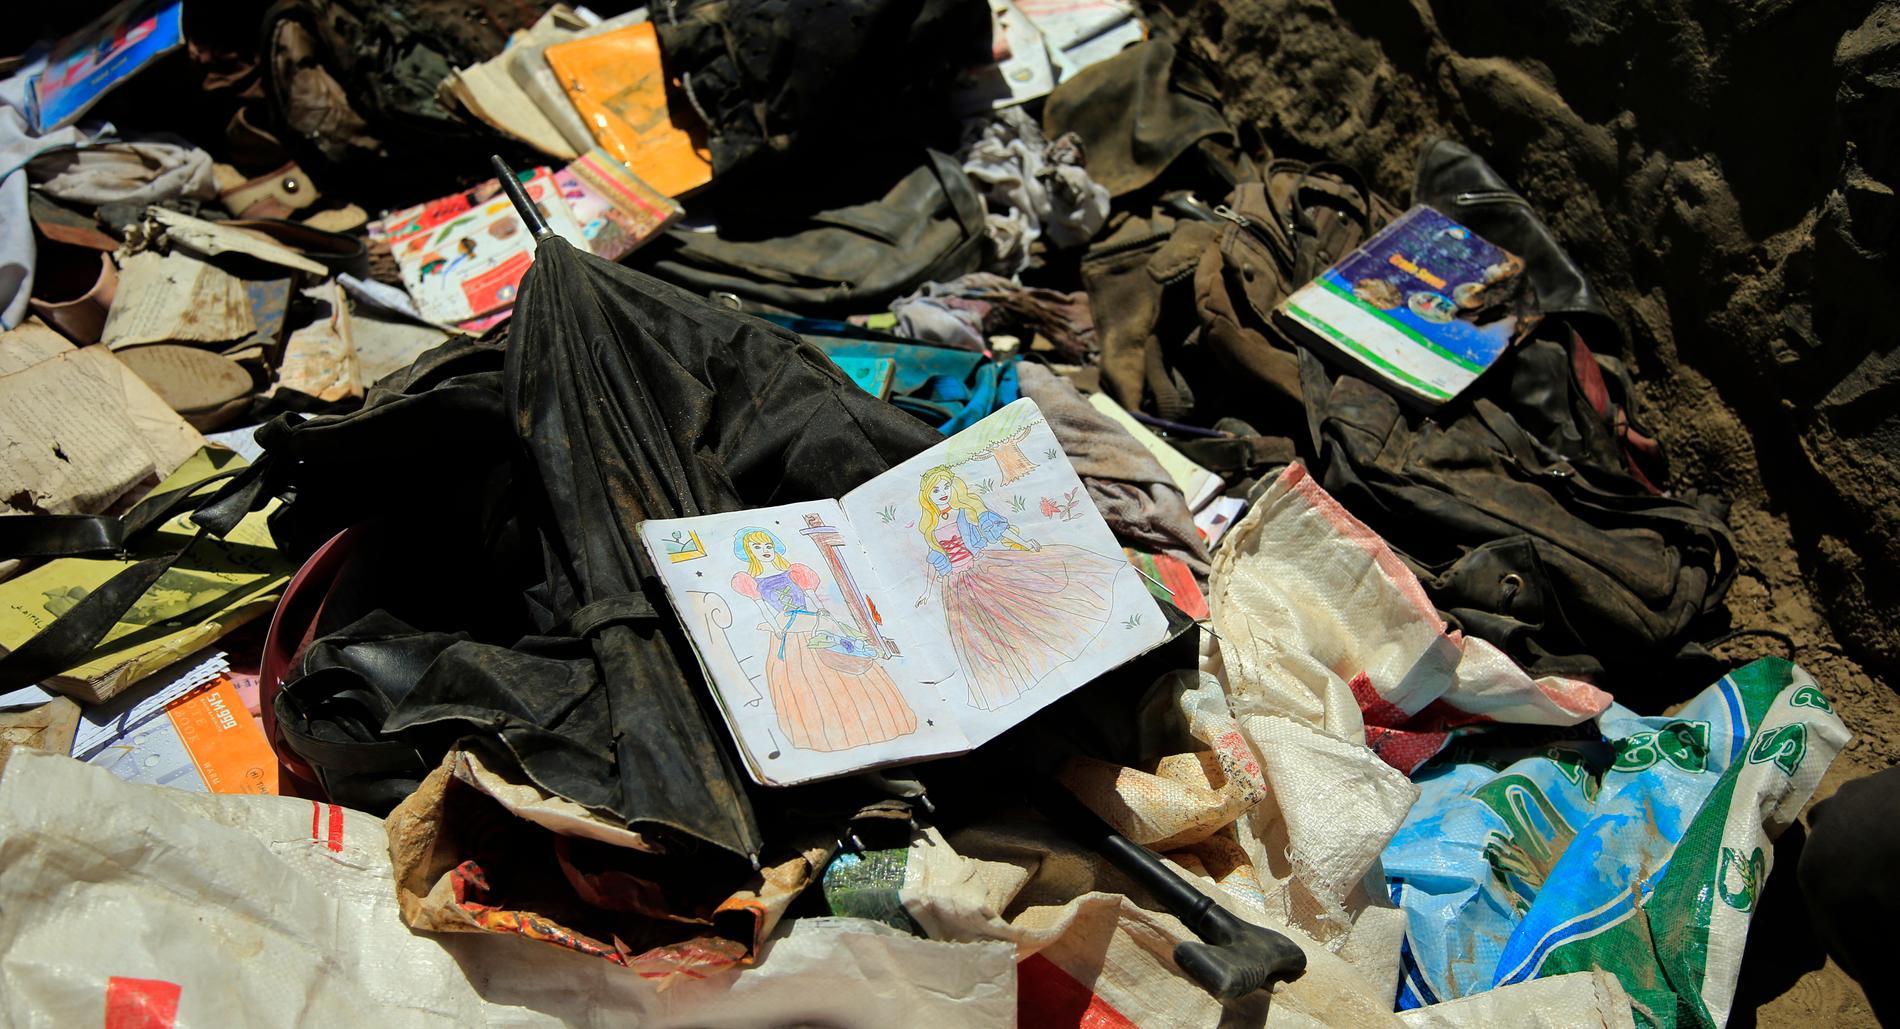 Bland bråtet efter dådet syns böcker, anteckningsböcker och annat skolmaterial.